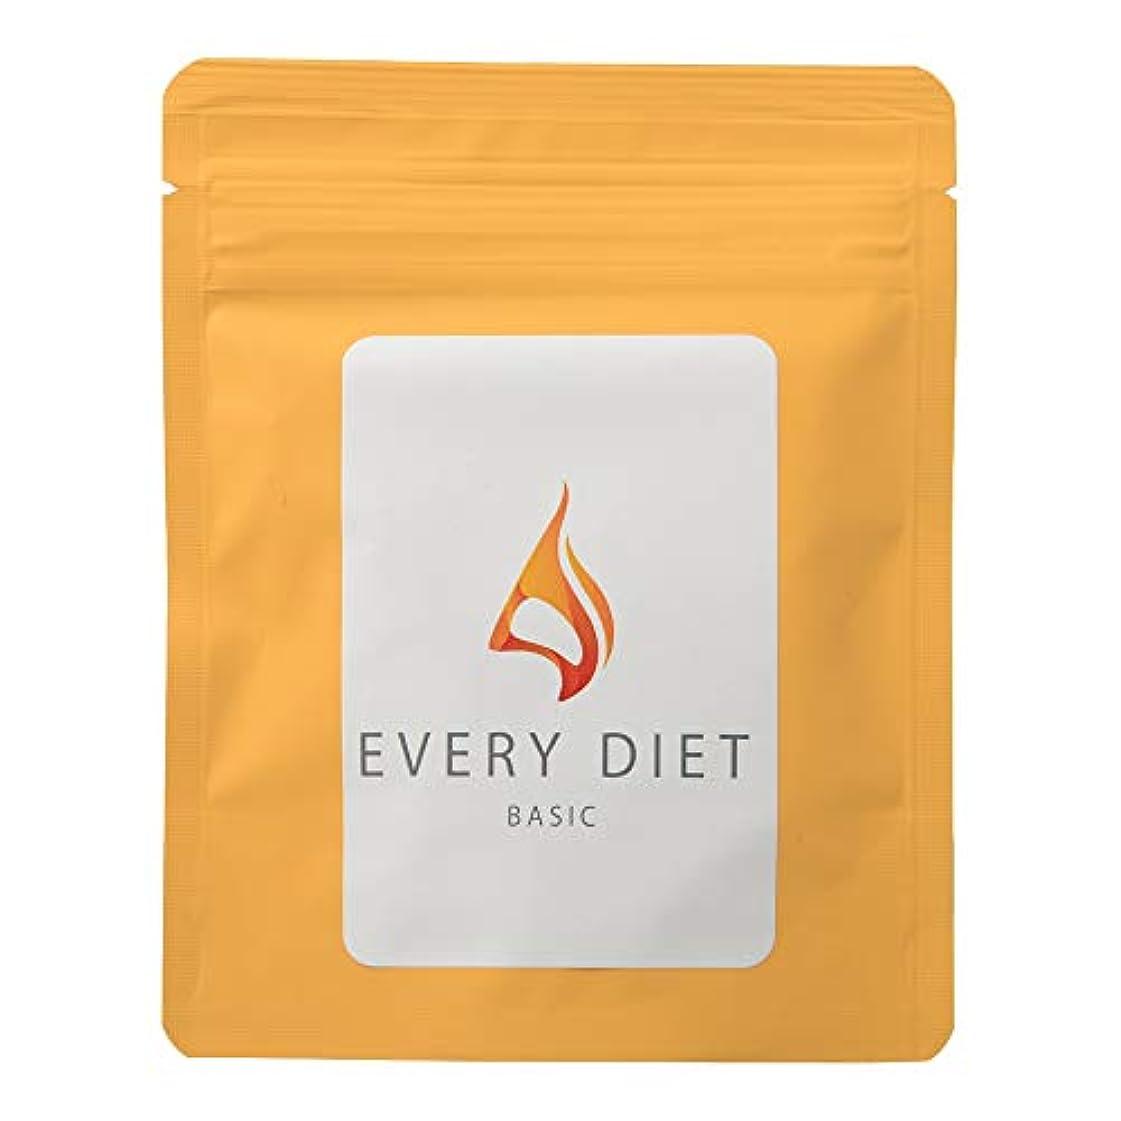 フェローシップ悲観主義者失礼なEvery Diet Basic (エブリダイエット ベーシック) ダイエット サプリメント [内容量60粒/ 説明書付き]